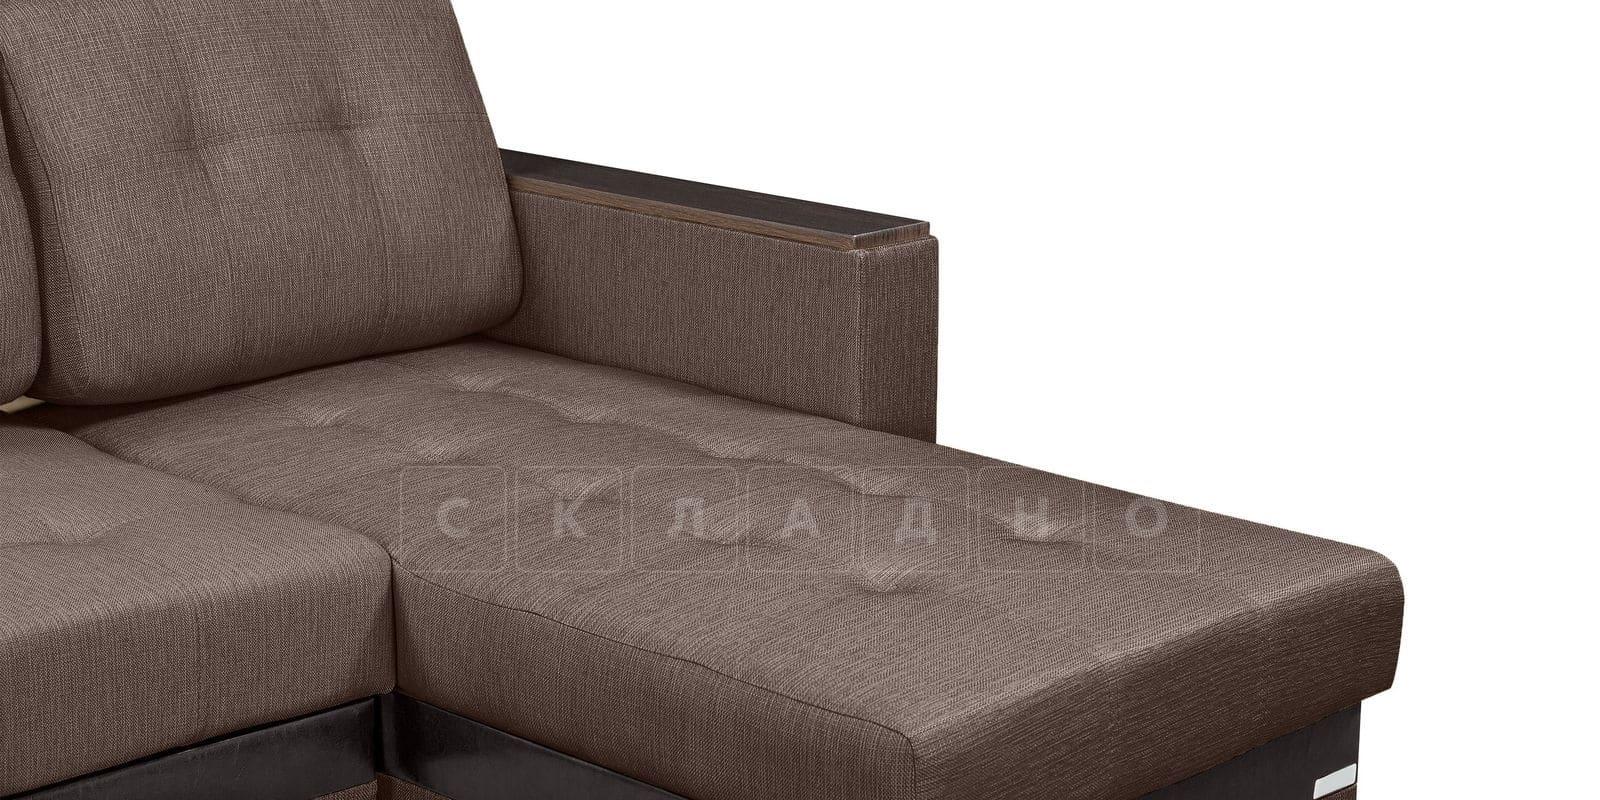 Угловой диван Атланта рогожка коричневого цвета фото 8 | интернет-магазин Складно